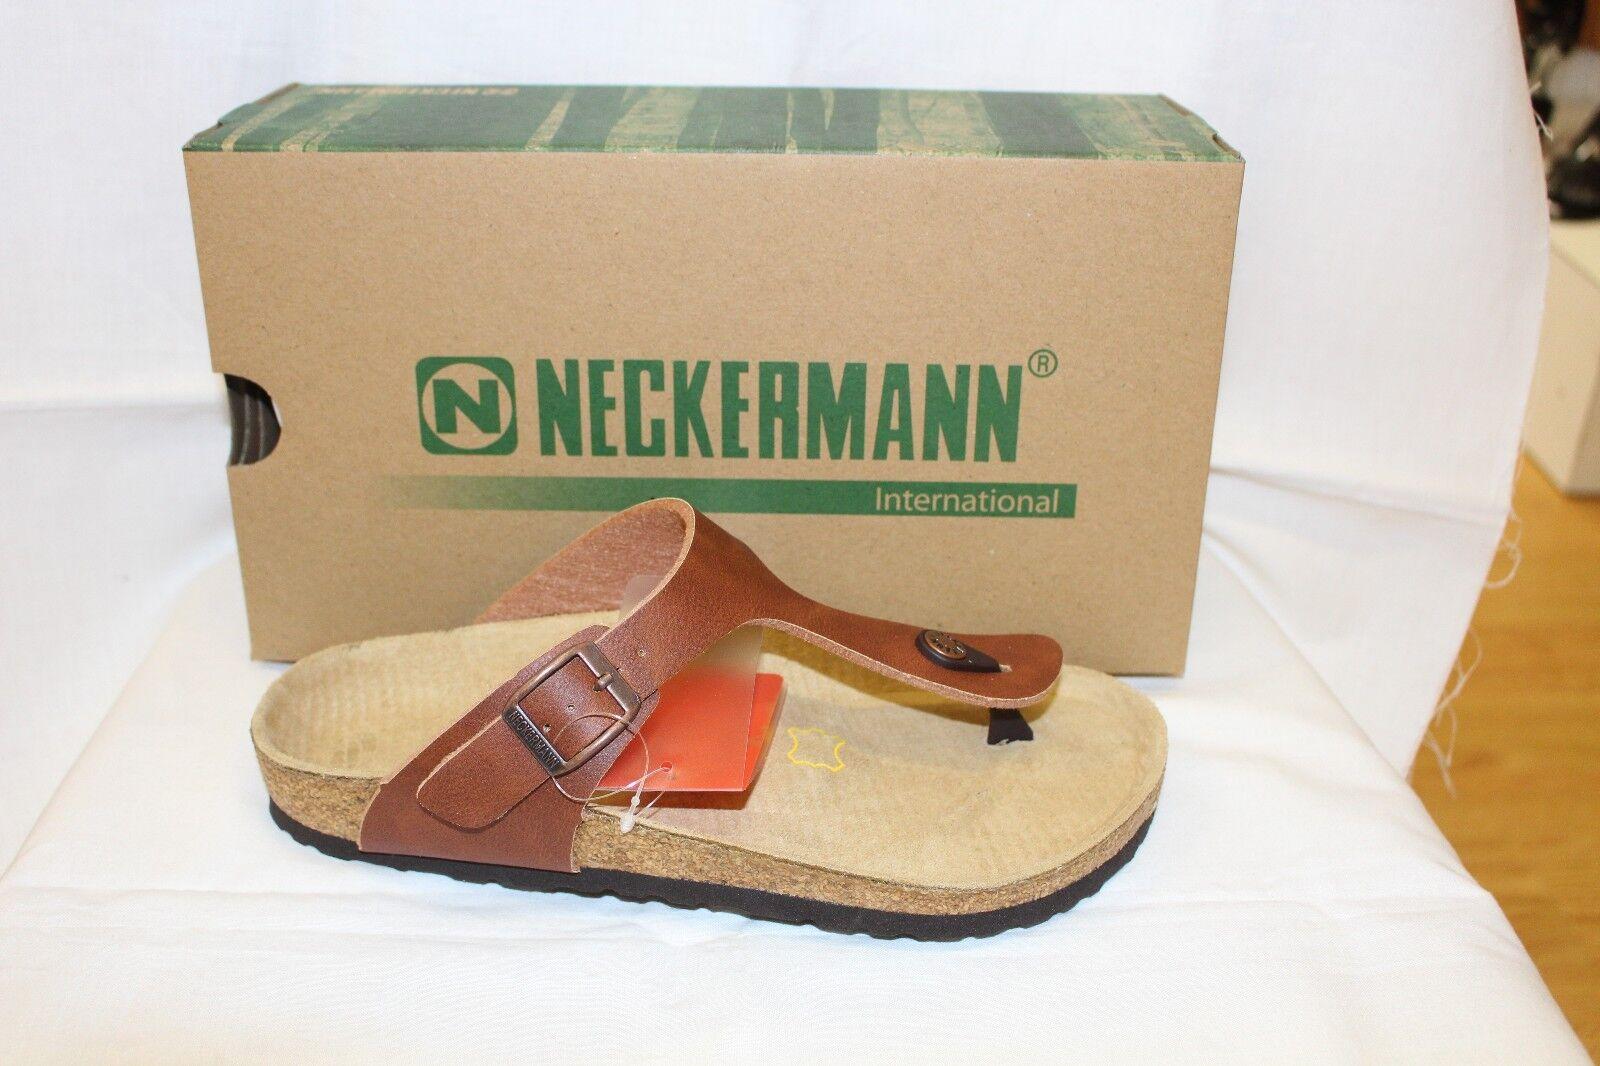 LADIES SHOES/FOOTWEAR - Neckermann Thong N2602 tan